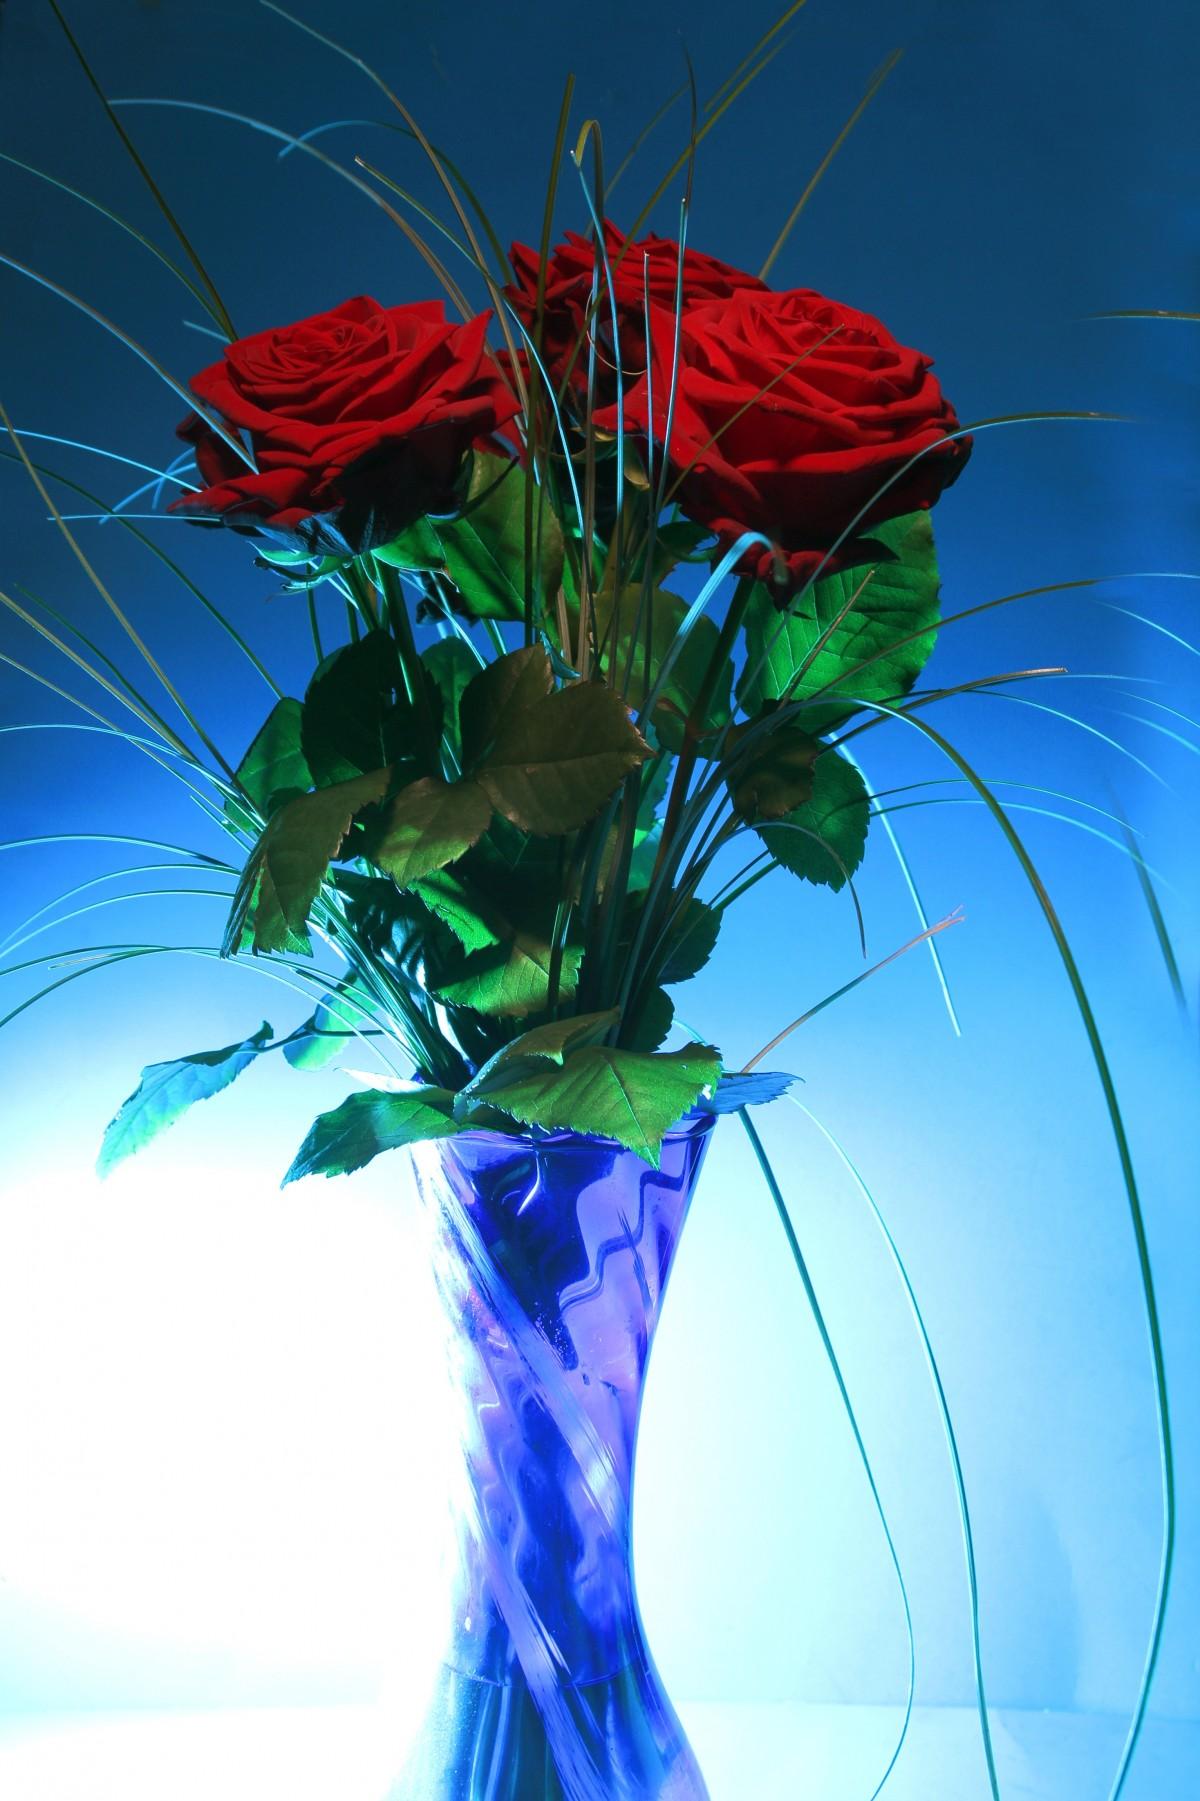 Images Gratuites Lumi 232 Re Fleur P 233 Tale Vase Vert Couleur Bleu Flore Rose Rouge Art